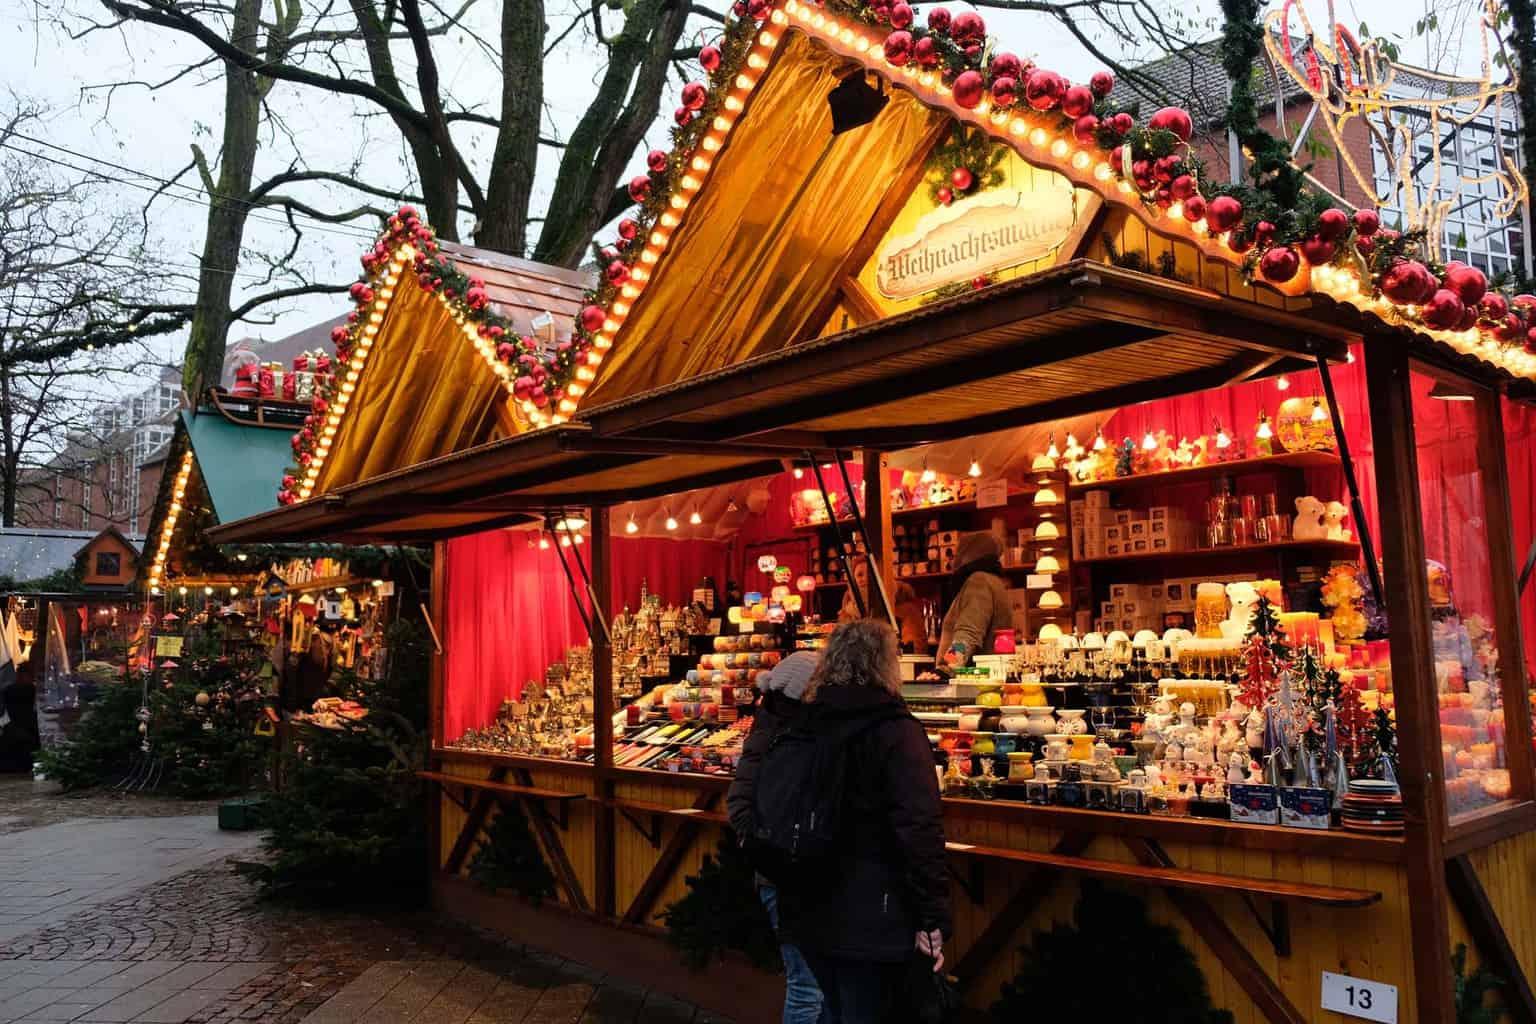 Munster kerstmarkt stadhuis